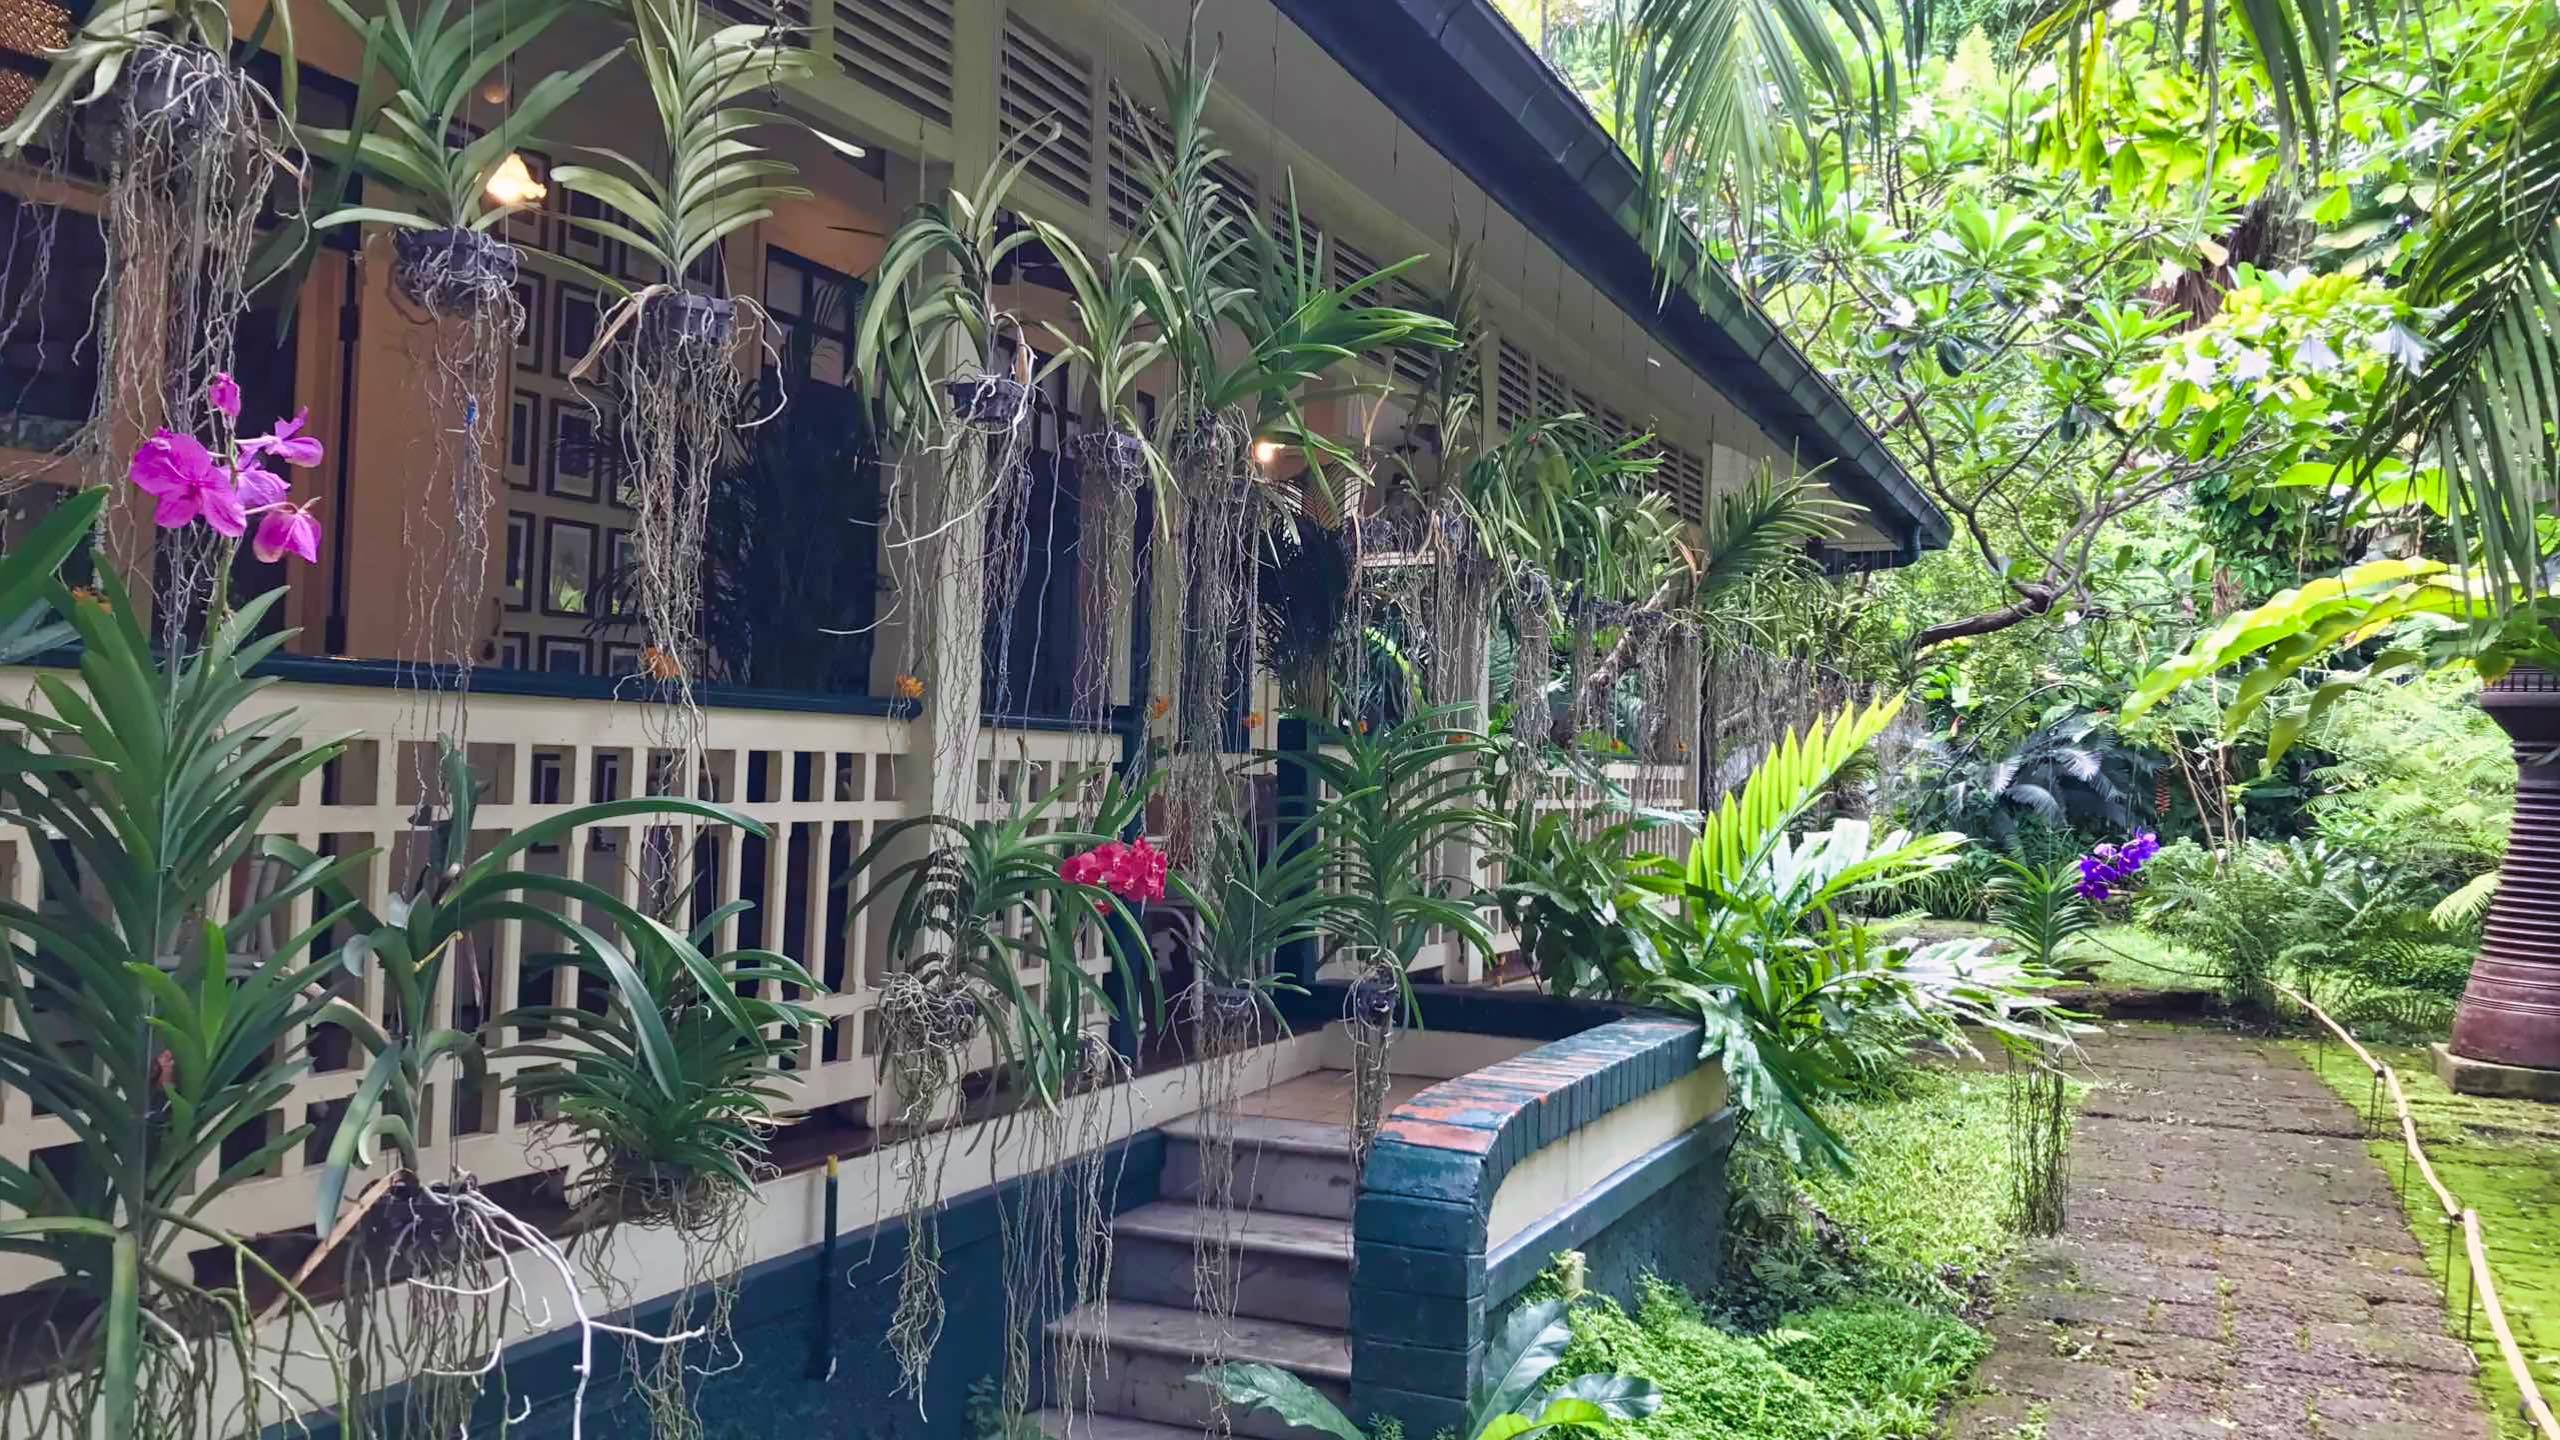 Zauberhaft, Thailands einziges Blumenkunst Museum.